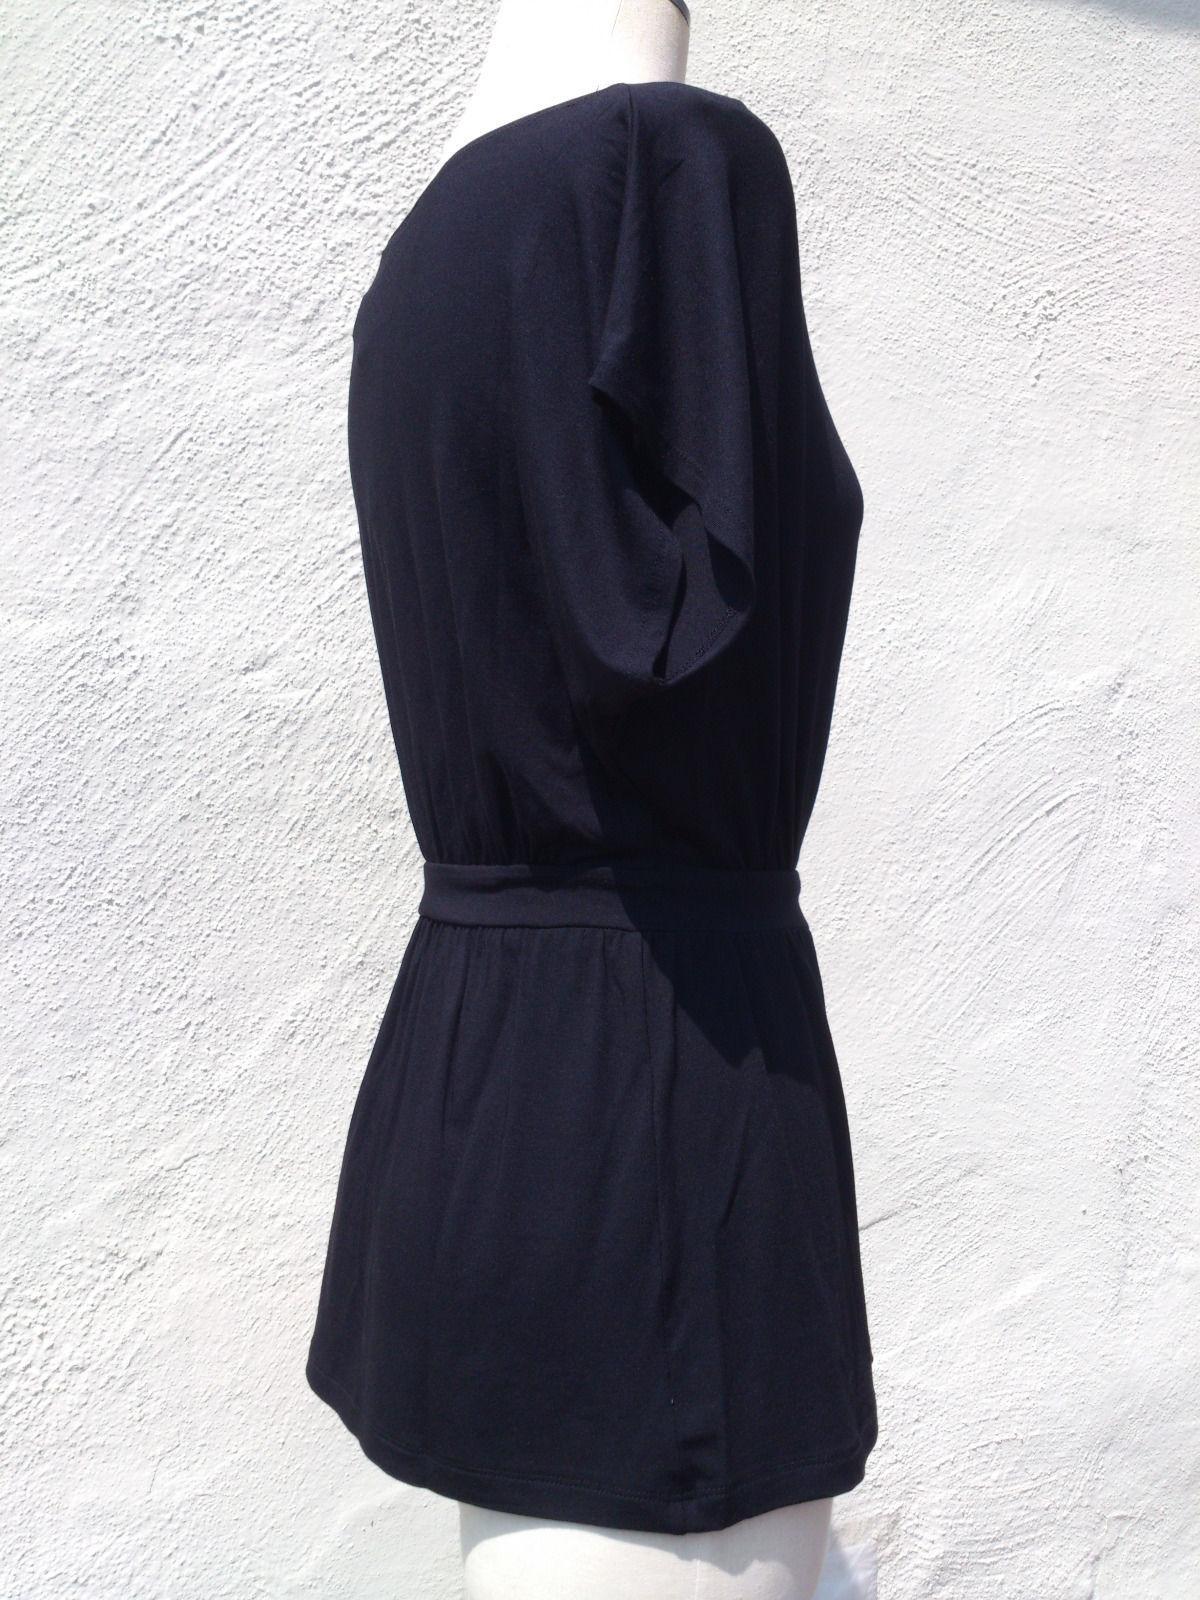 New Alicia top, black color , size XS